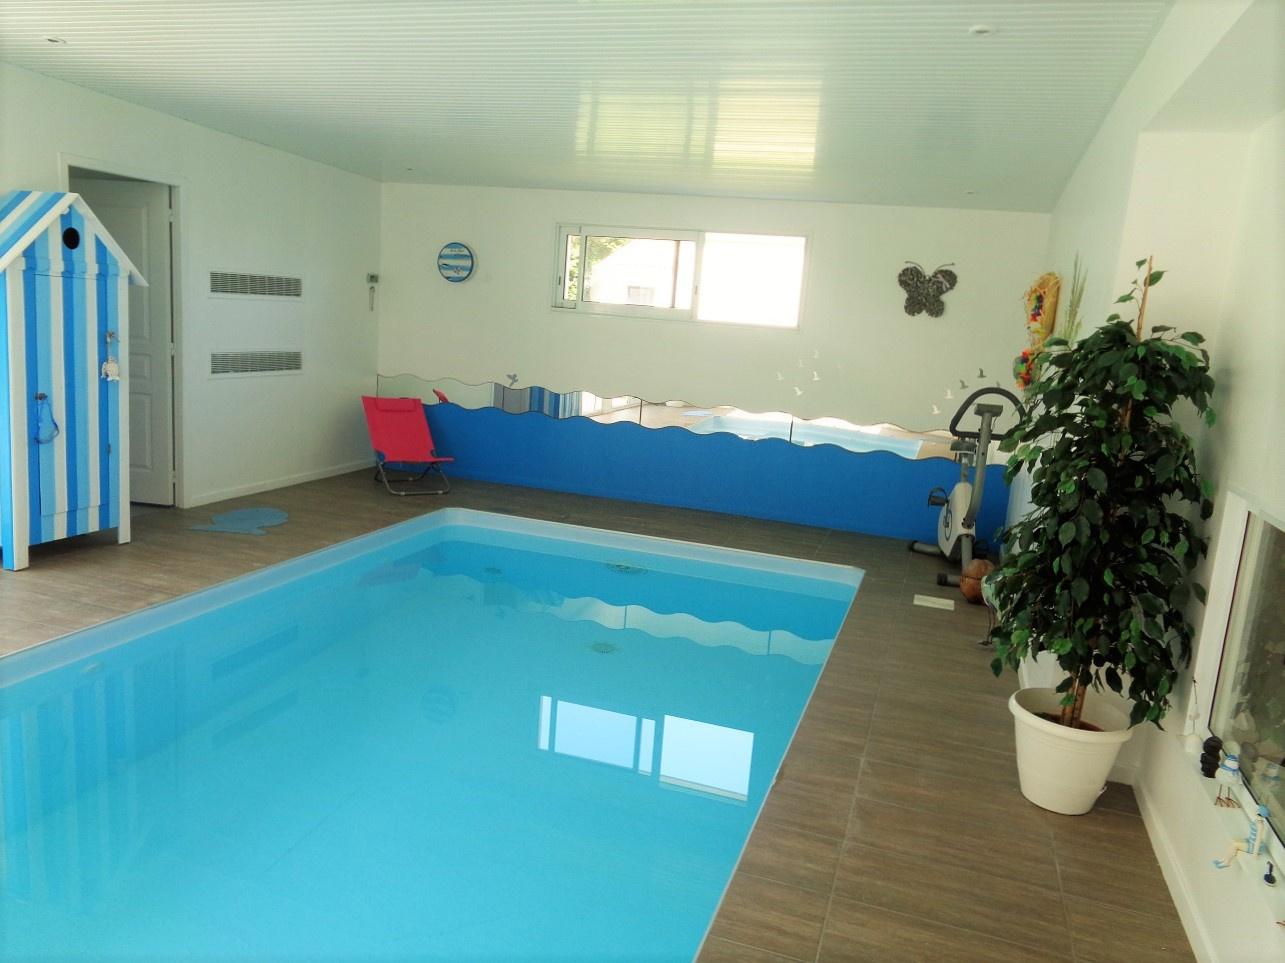 Vente maison 245m avec piscine sainte foy for Piscine interieure maison prix